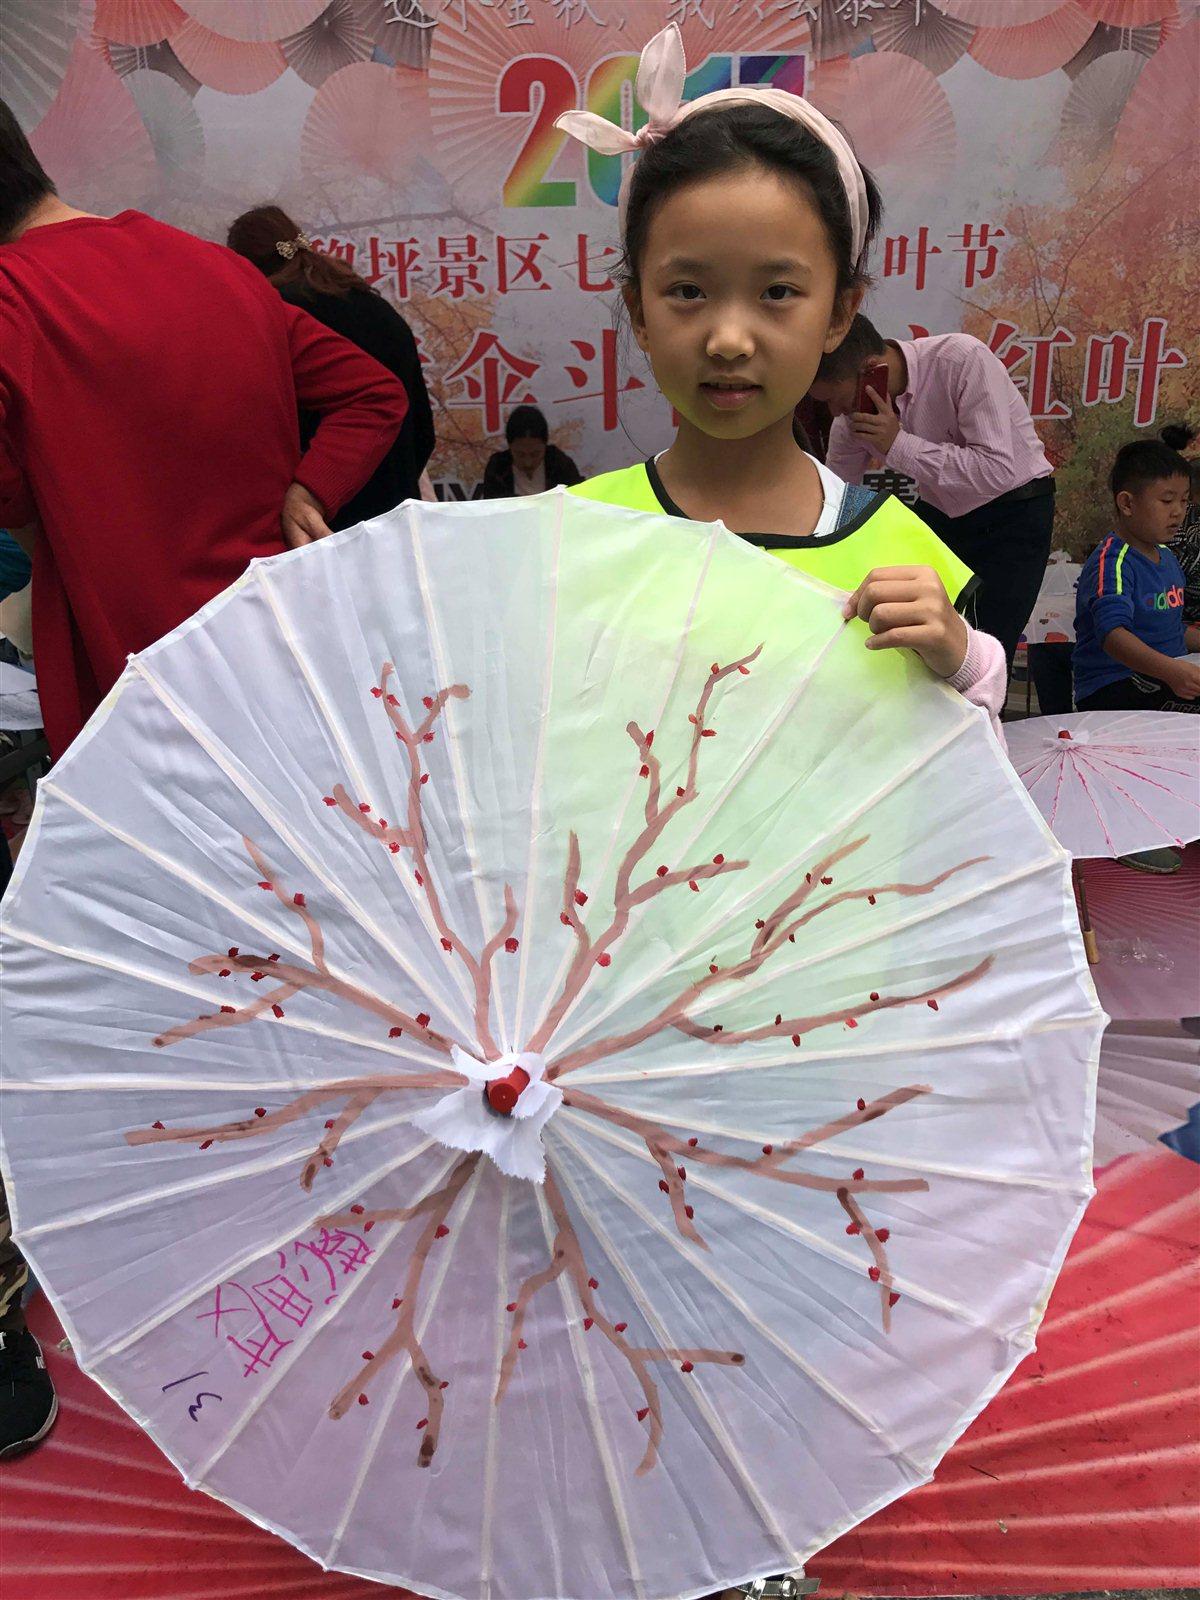 趙思越_diy洋傘,畫畫,曬照,贏大獎!_漢中在線